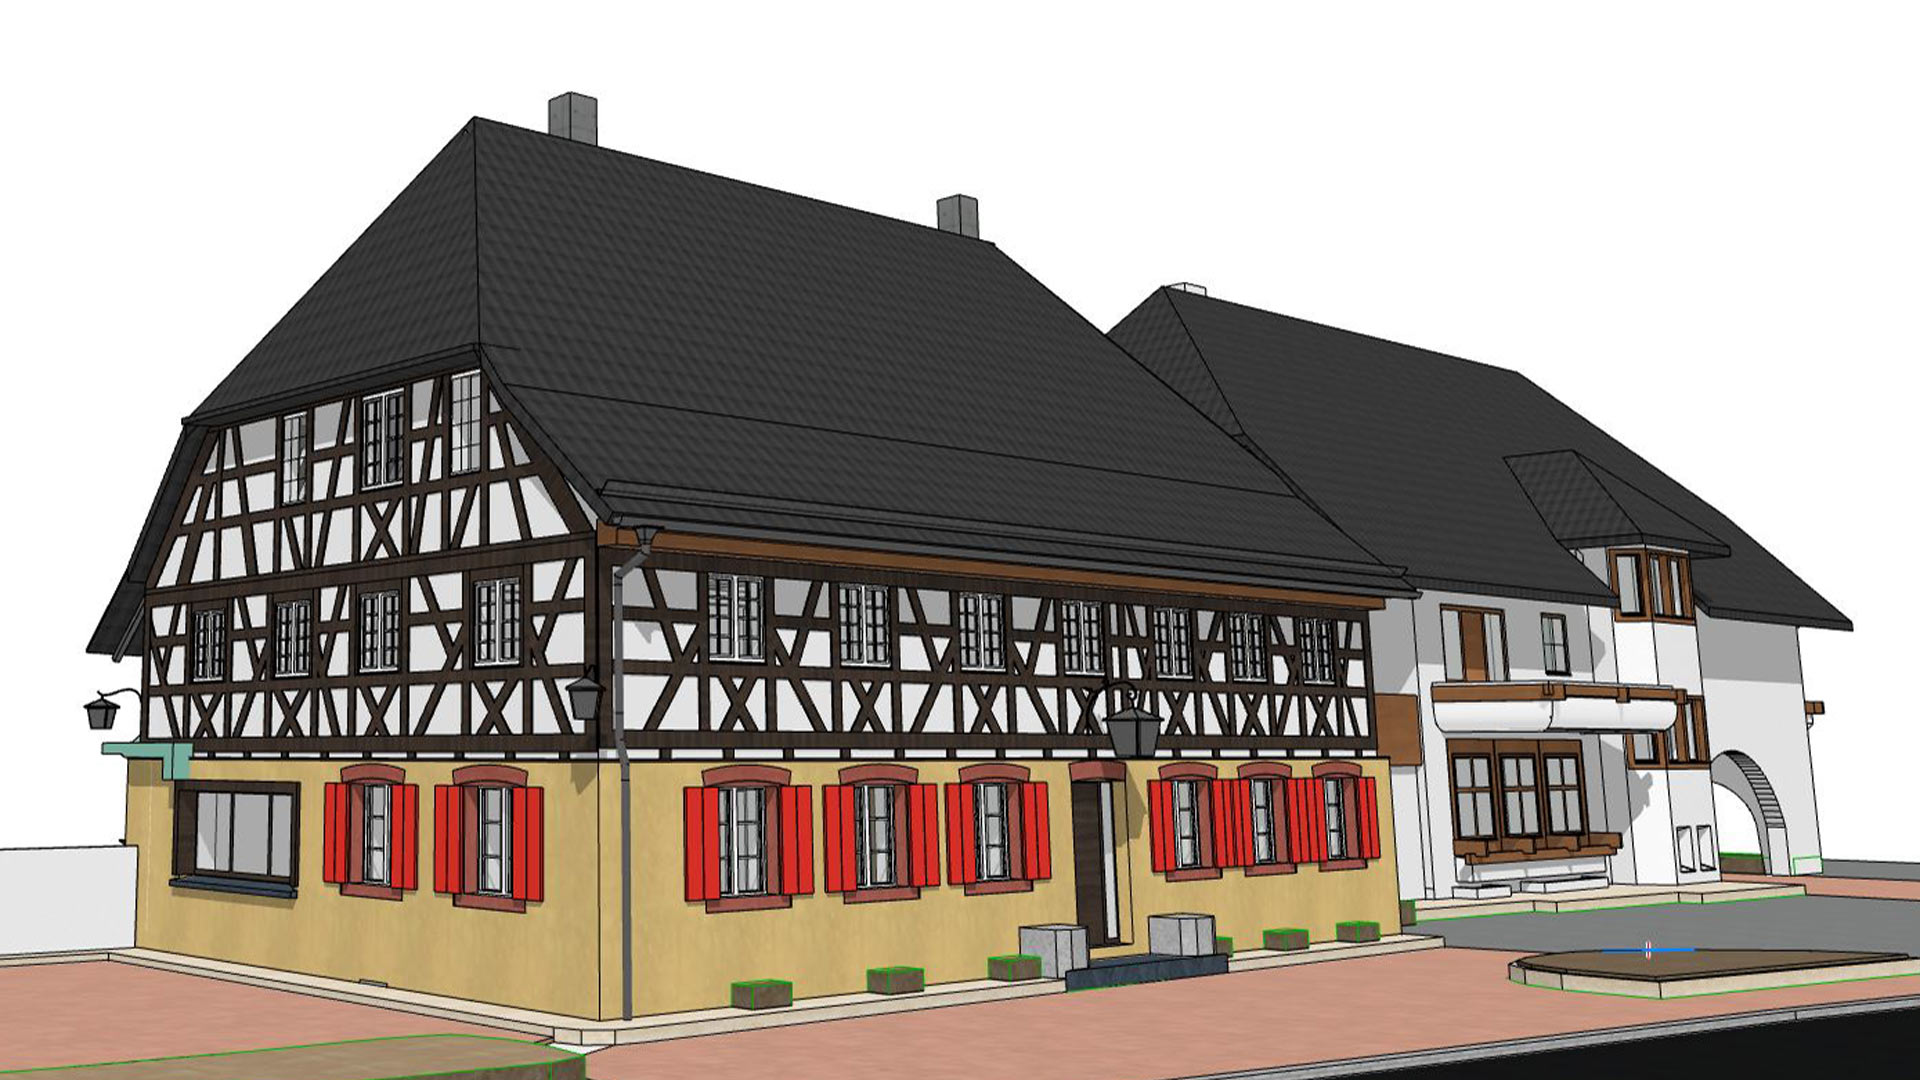 3D Bild von einem Haus mit CAD program gemacht